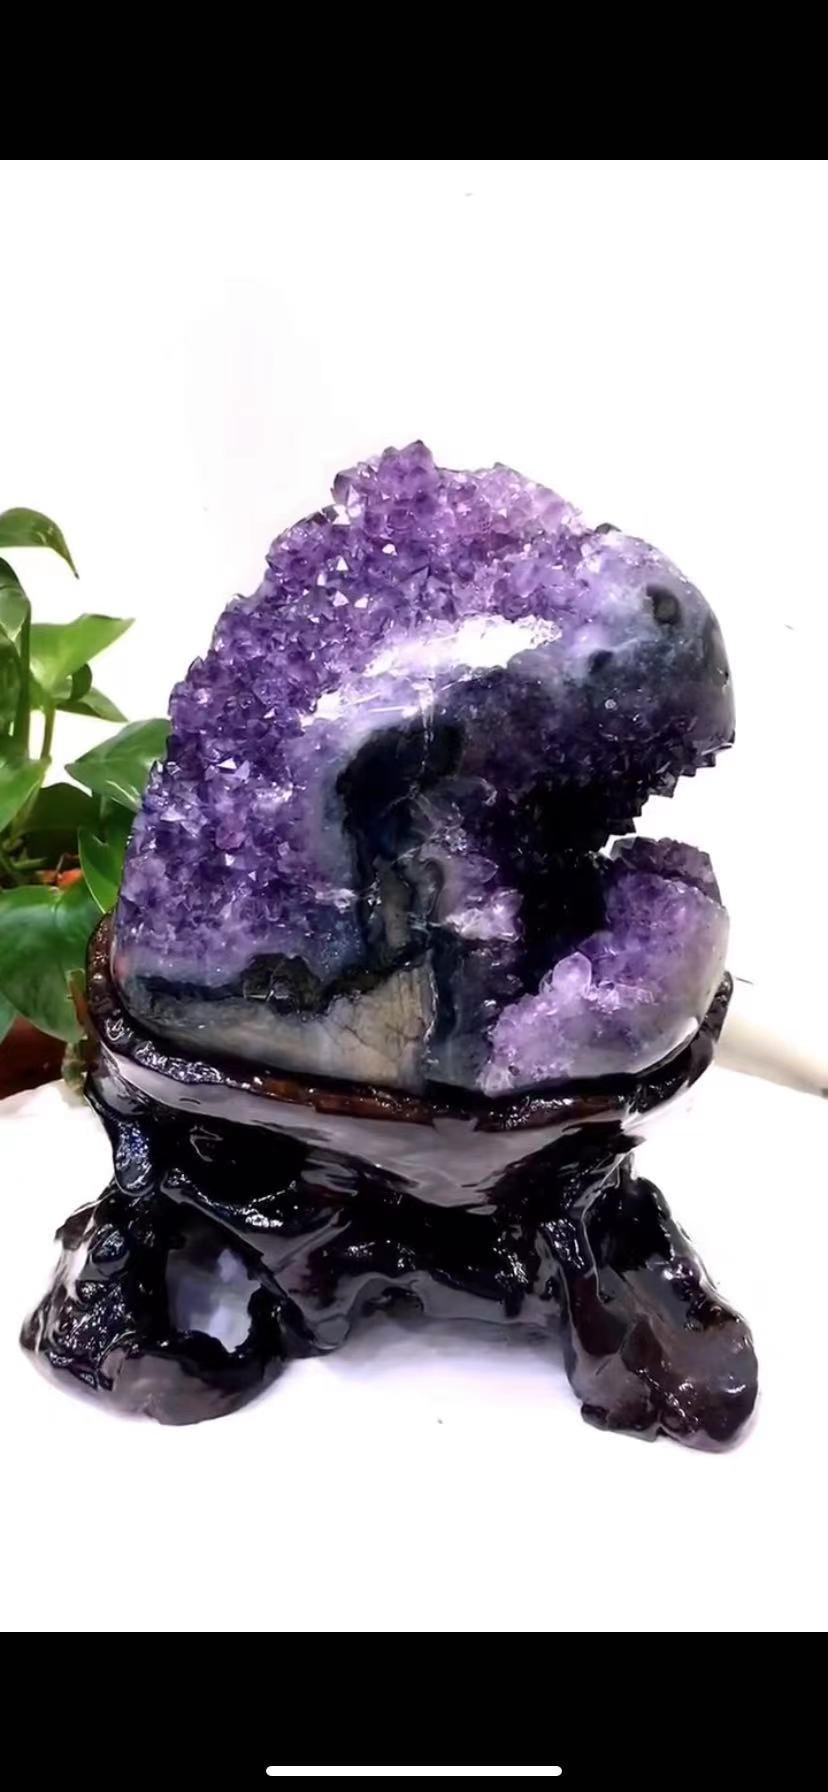 حجر الجمشت الطبيعي الكهف الأصلي الحلي حجر الجمشت كهف الجمشت العنقودية المفصل مكتب المنزل degaussing الحلي